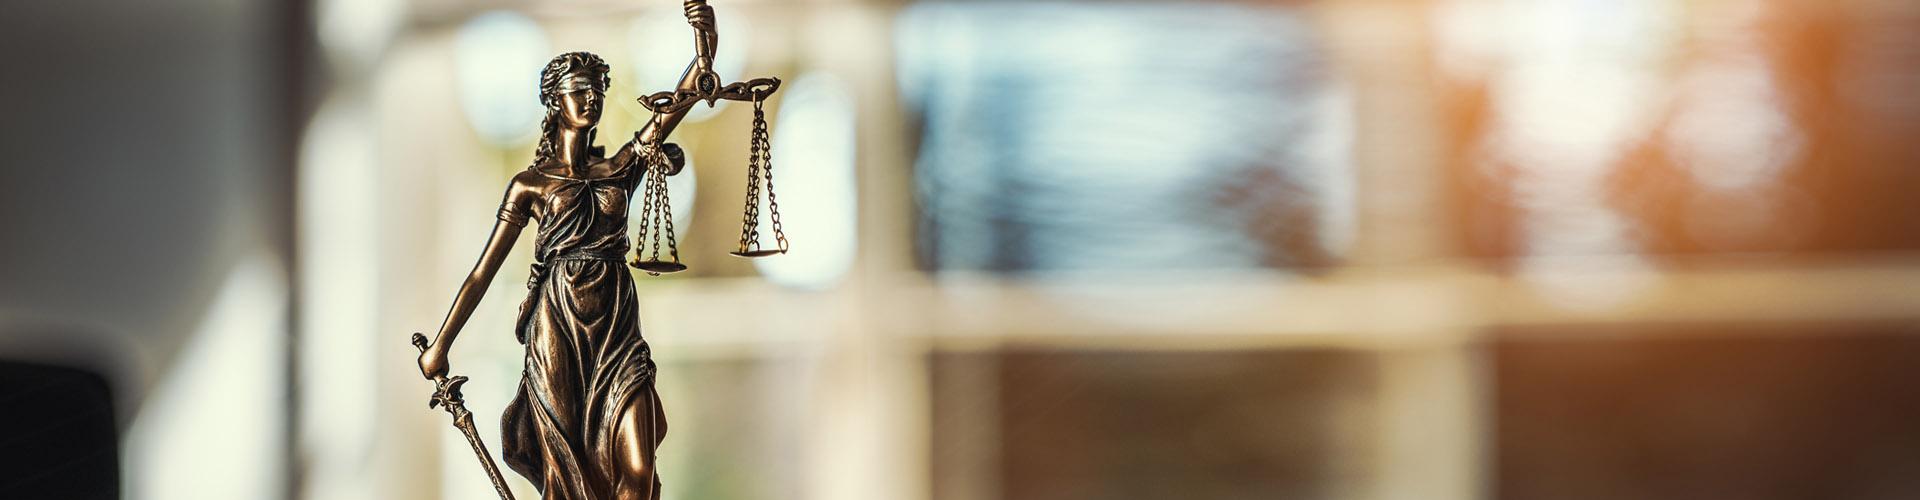 erbrechtskanzlei-hoester-berlin-anwalt-erbrecht-slider-2